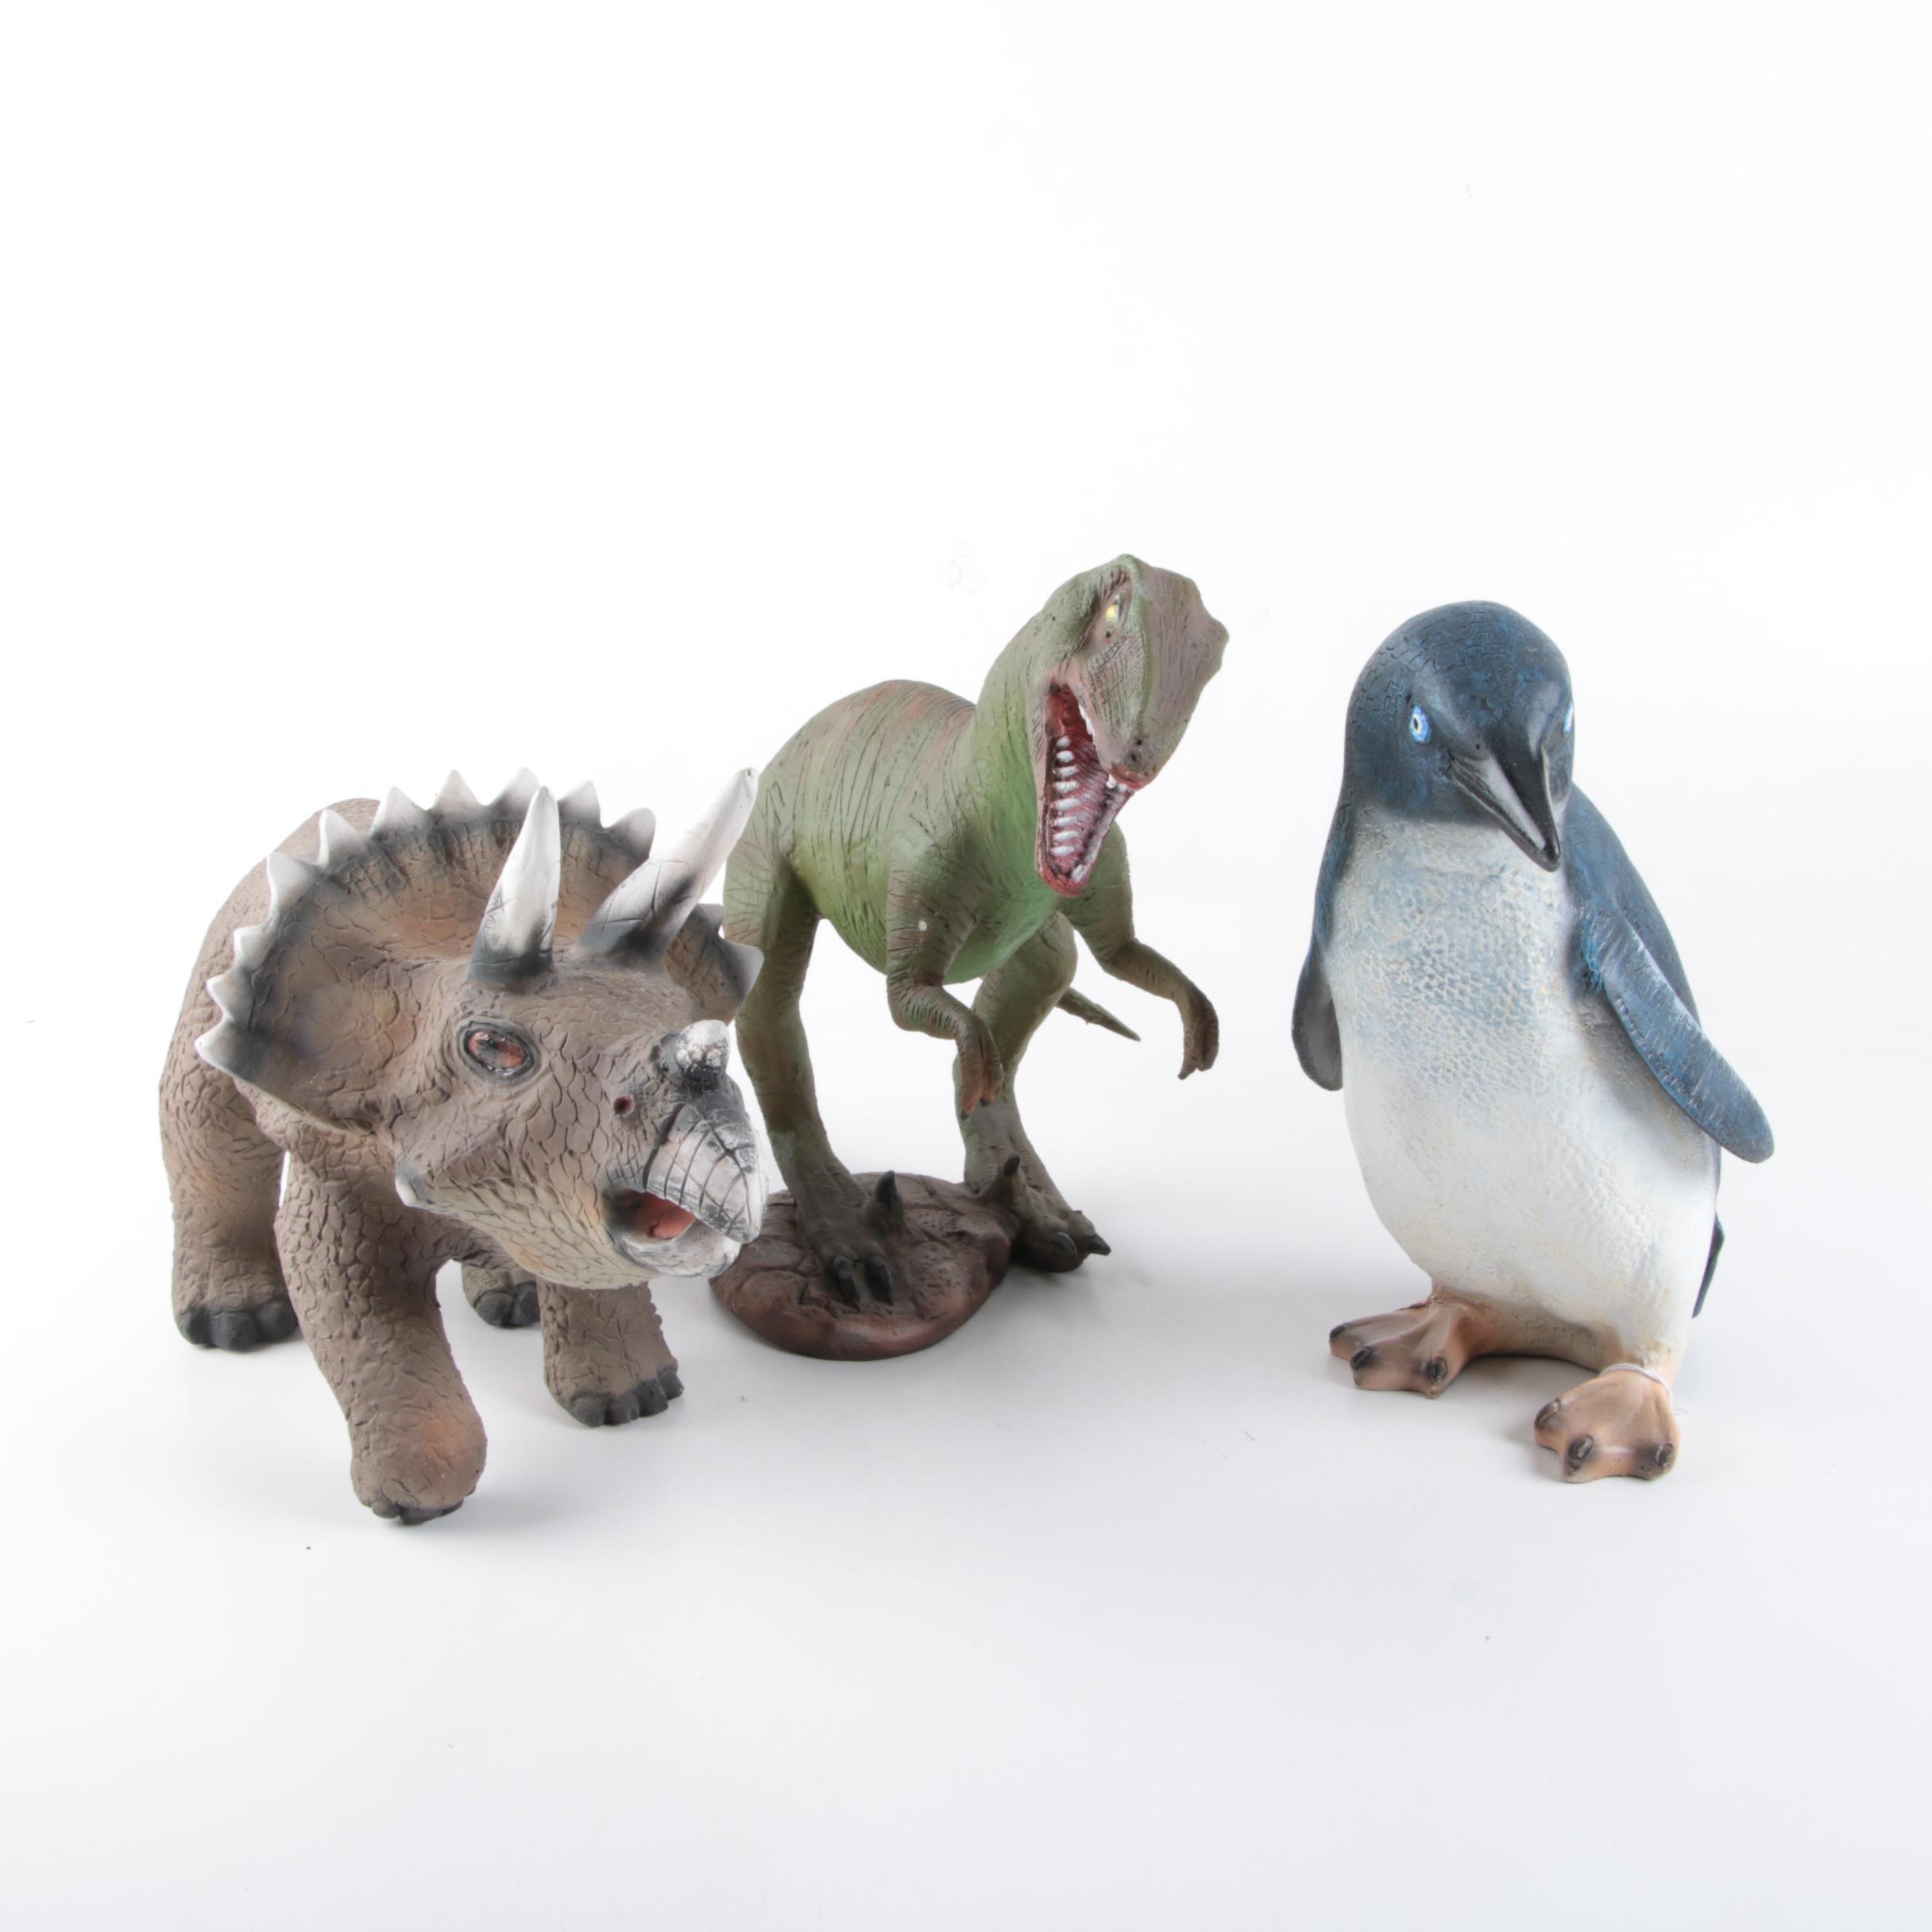 Resin Animal Figurines